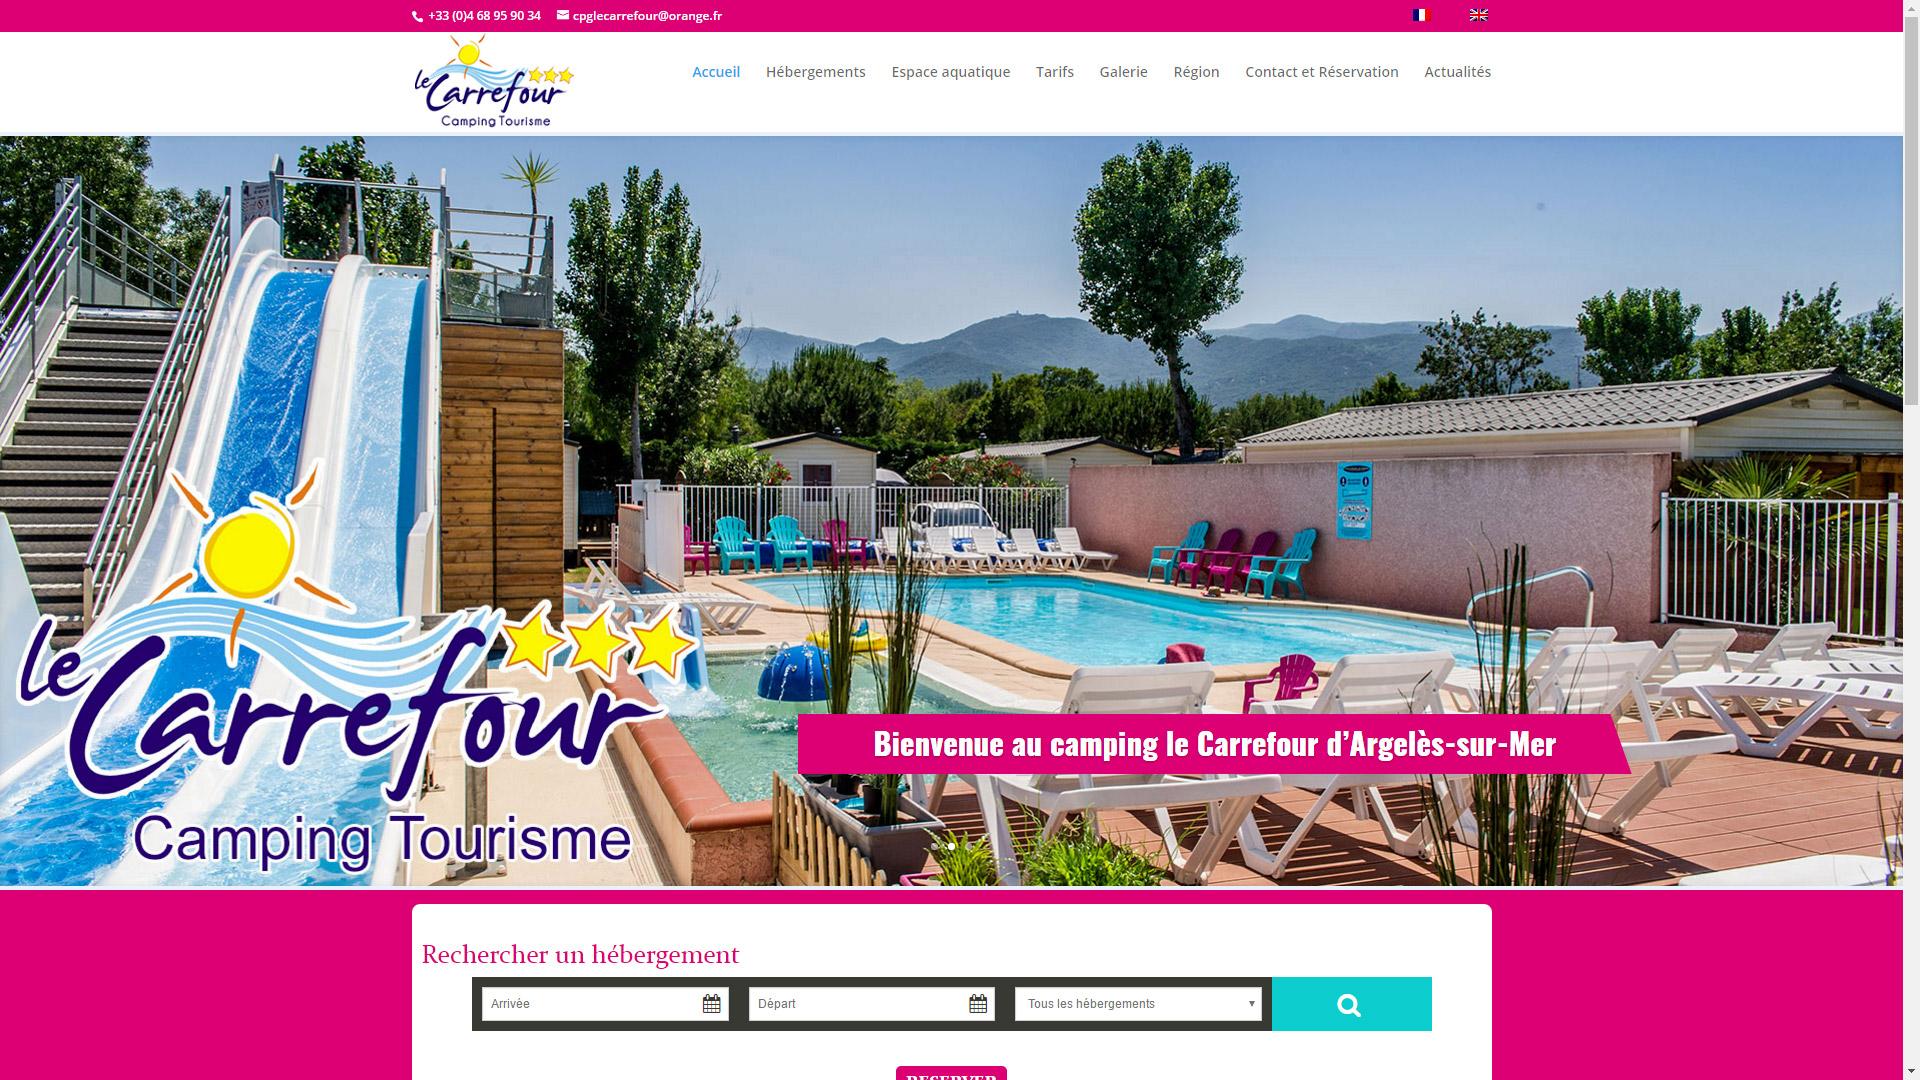 Création du site du Camping Le Carrefour à Argelès